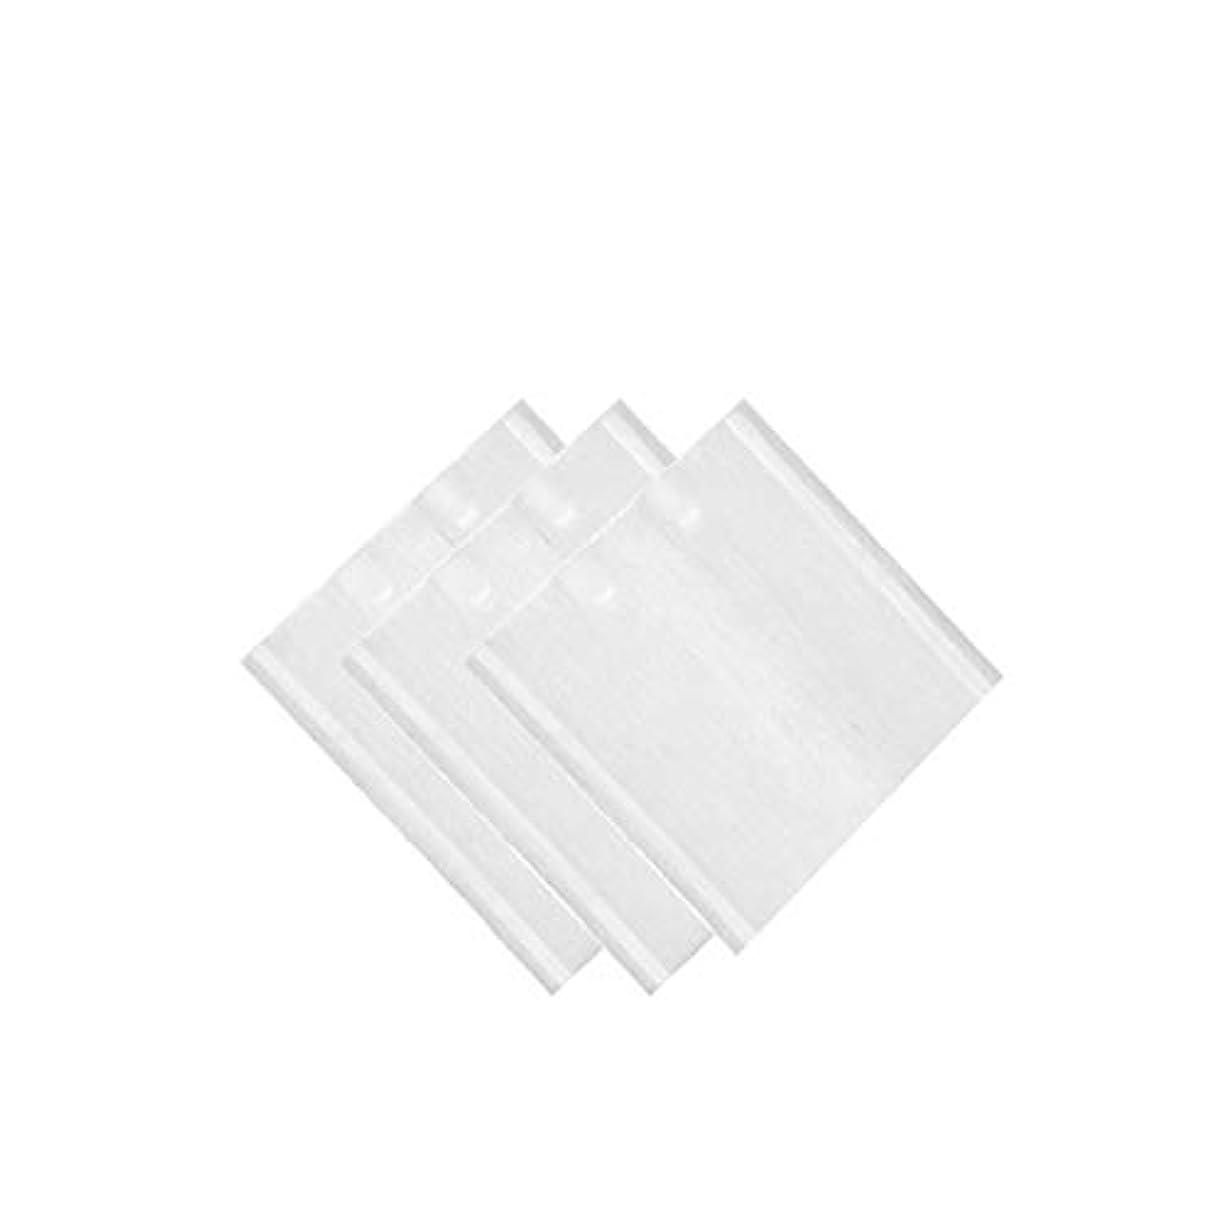 驚いた下線ジャムアイメイクの綿と222pcsピュアコットン化粧水の保全白い柔らかい優しいメイクツール